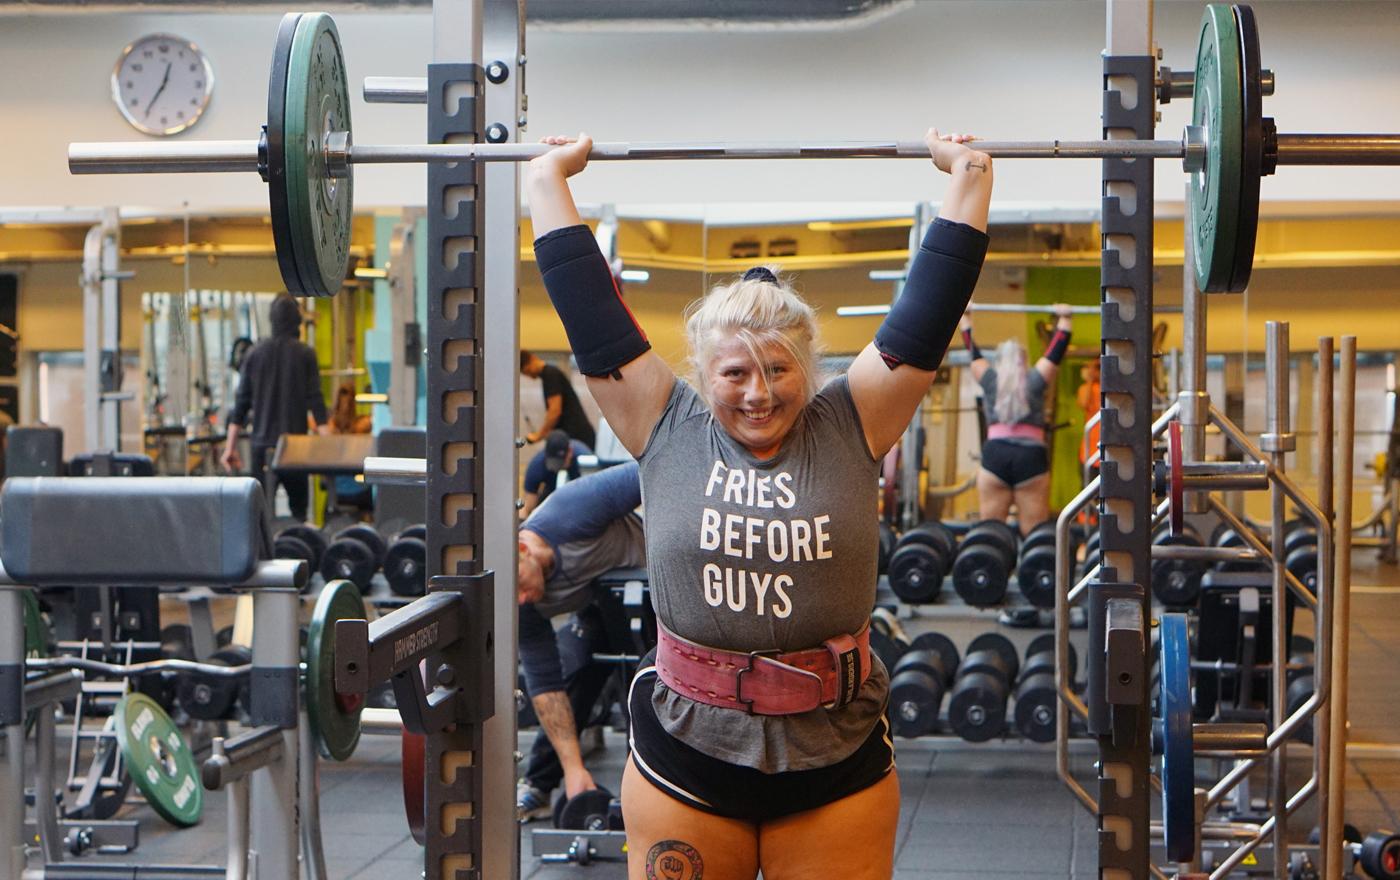 Sara Dahlström, Hälsa & Fitness